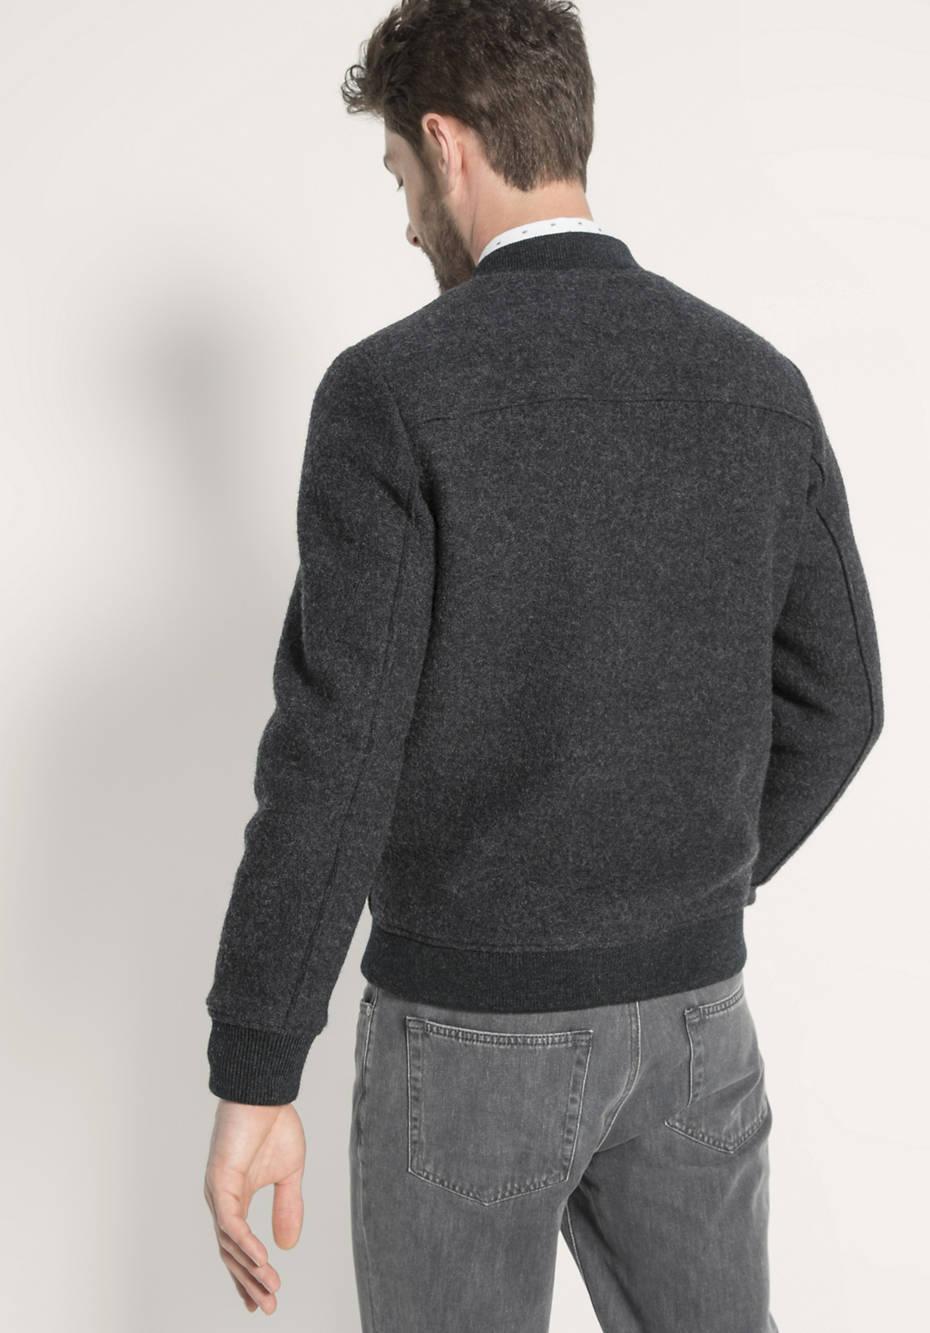 Walk-Blouson aus reiner Schurwolle